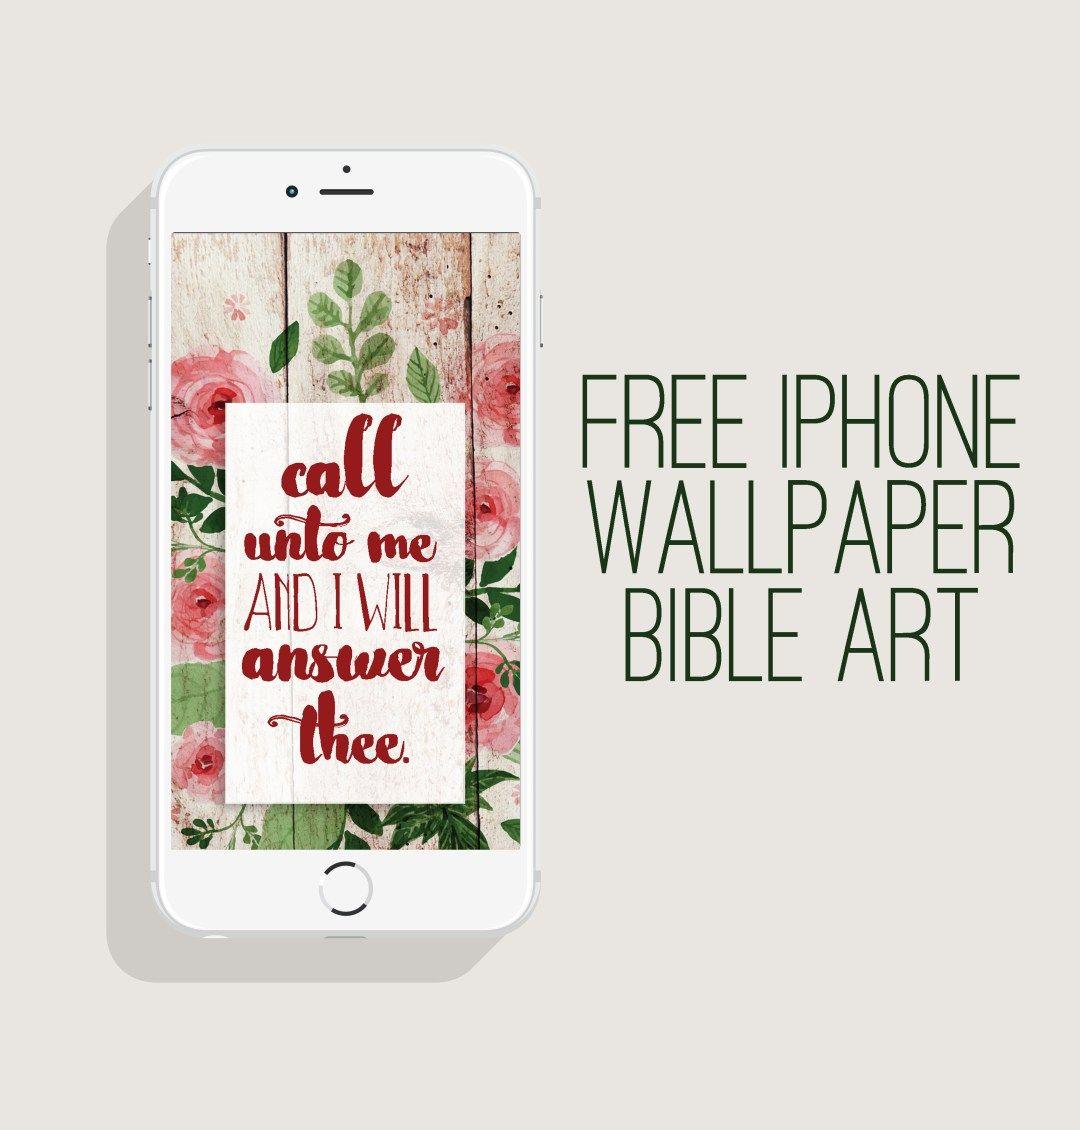 скачать call lock для iphone бесплатно